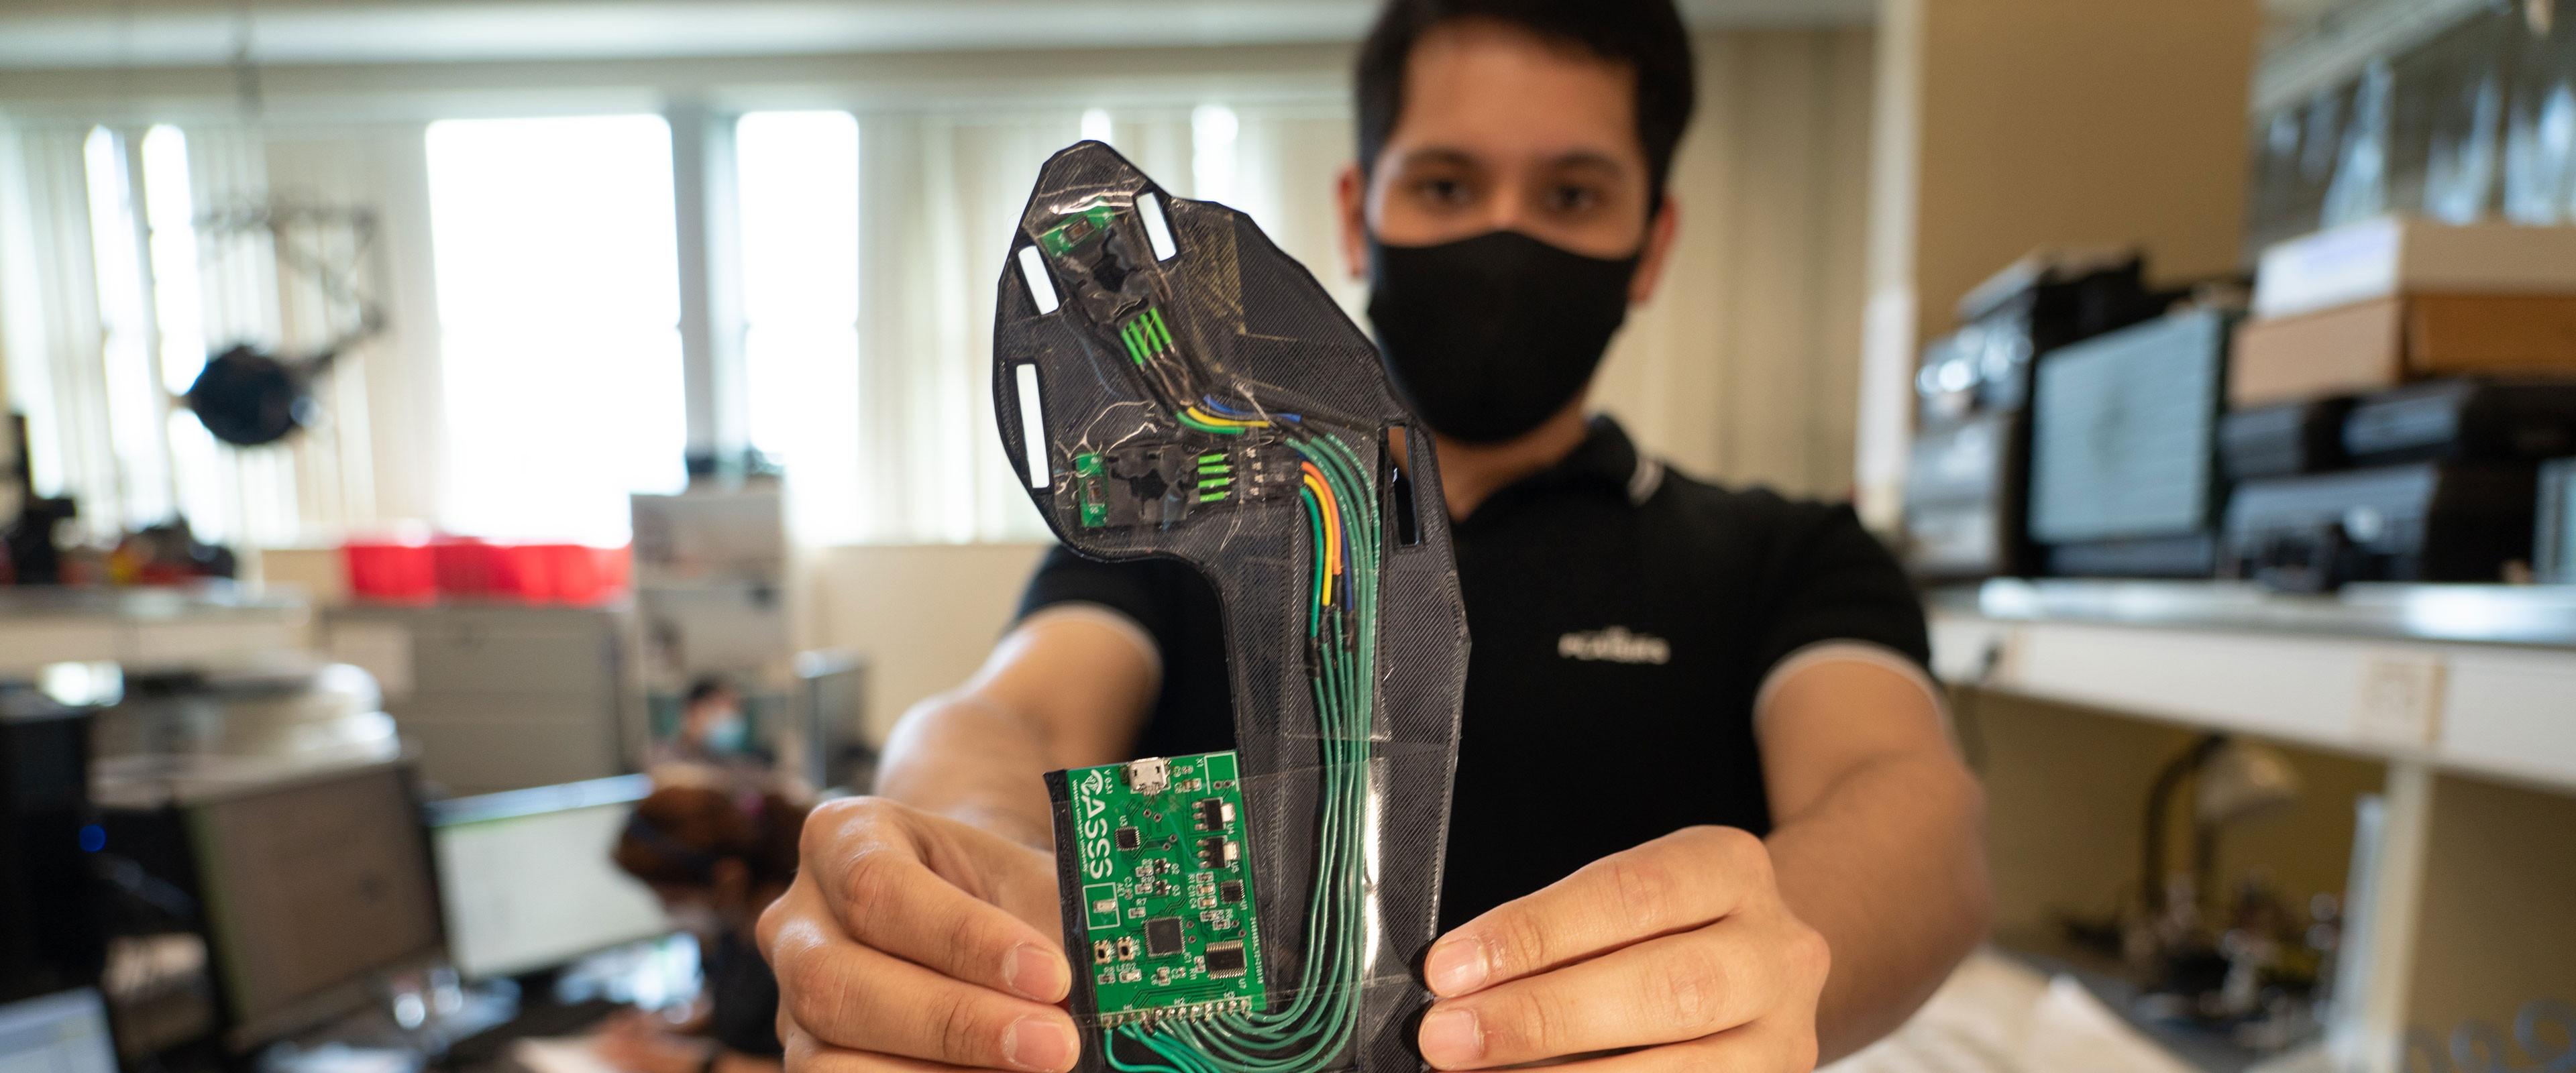 Man holding sensor for diabetic boot.